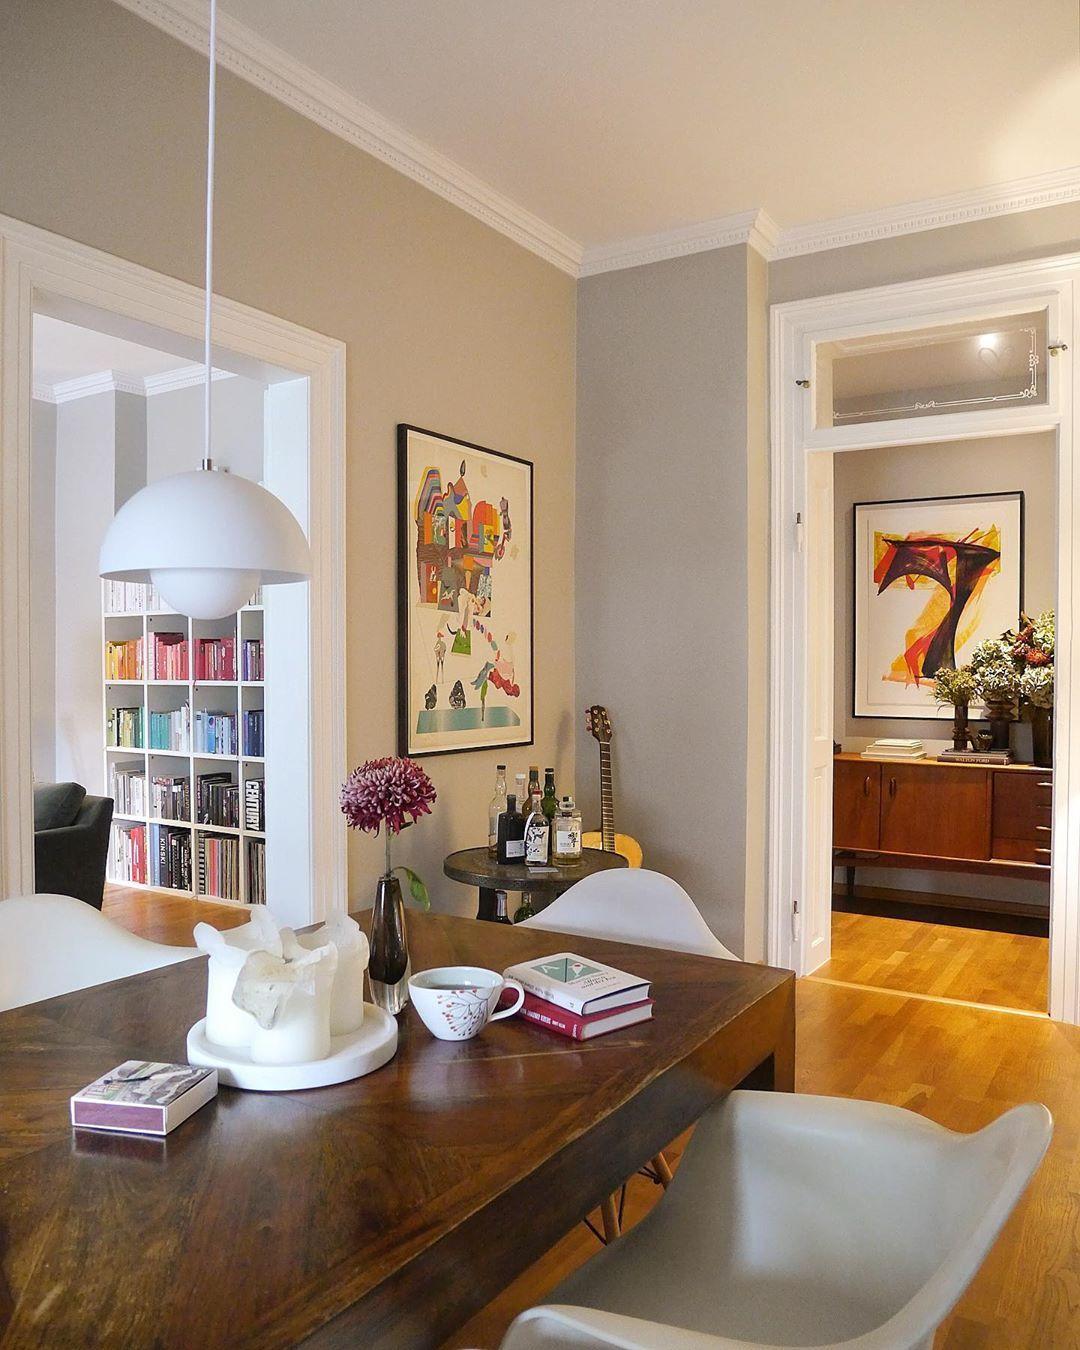 Haus deko, Wohnzimmer tv wand ideen, Inneneinrichtung